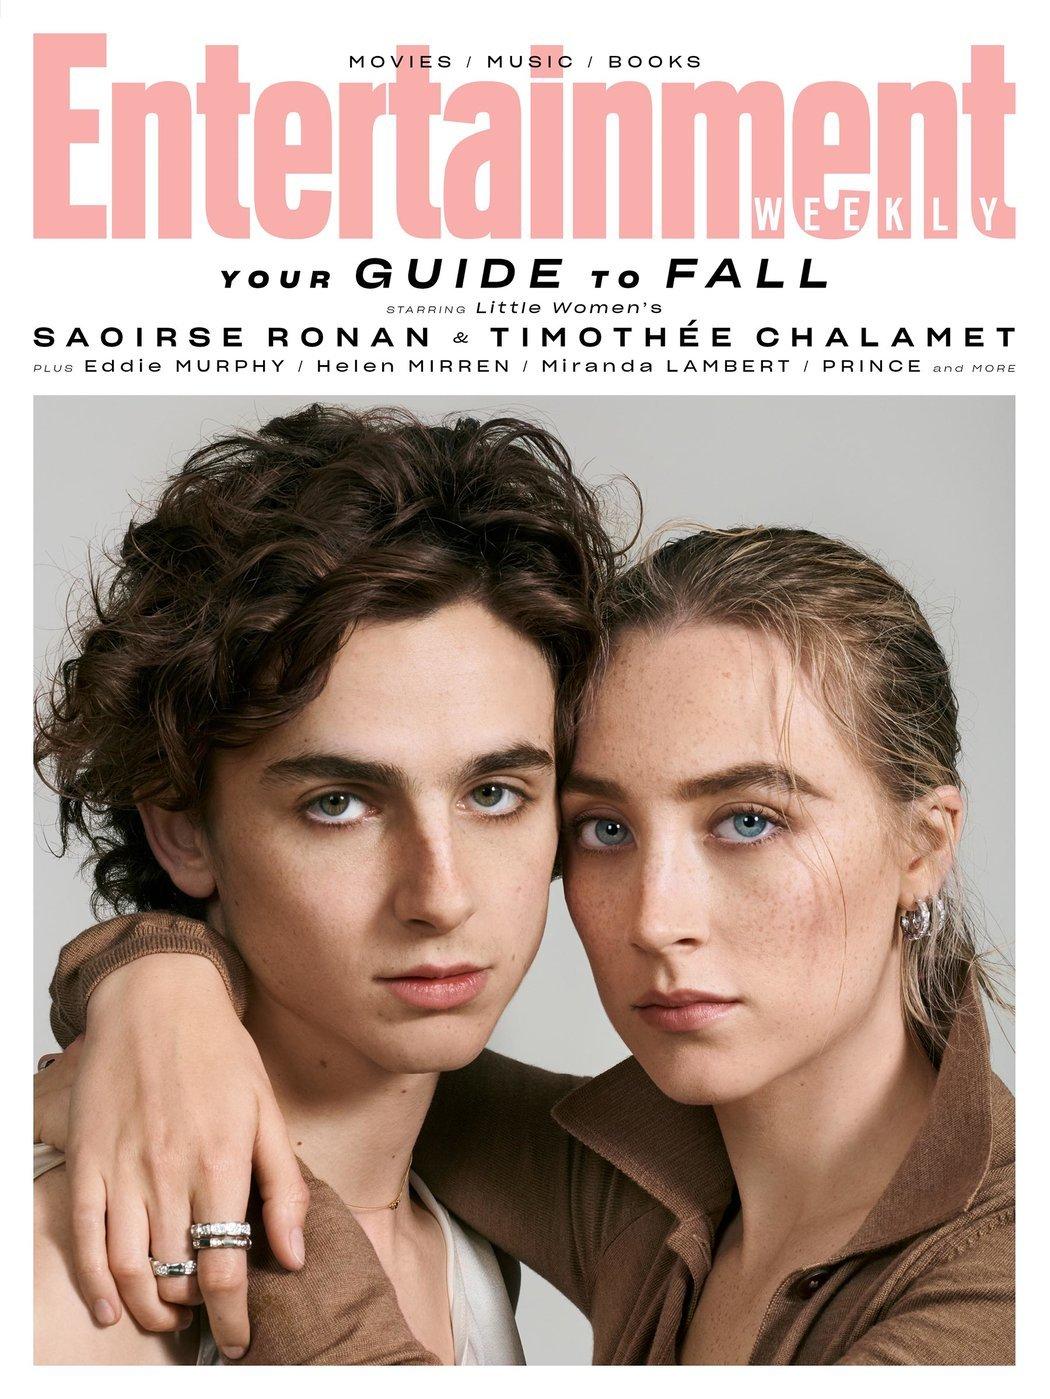 《小妇人》西尔莎·罗南和提莫西·查拉梅登上《娱乐周刊》杂志封面!